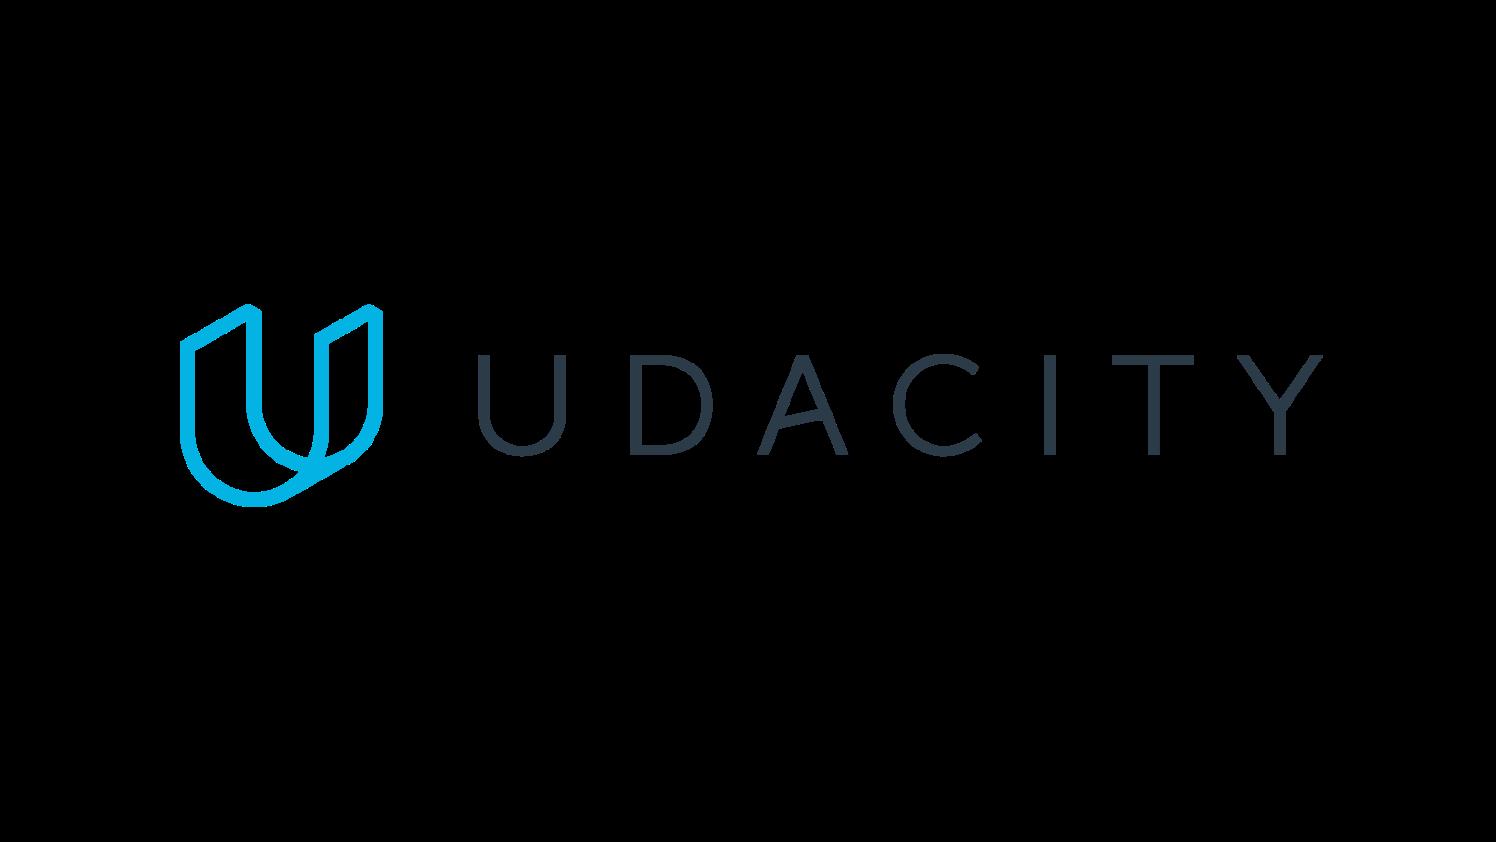 logo udacity